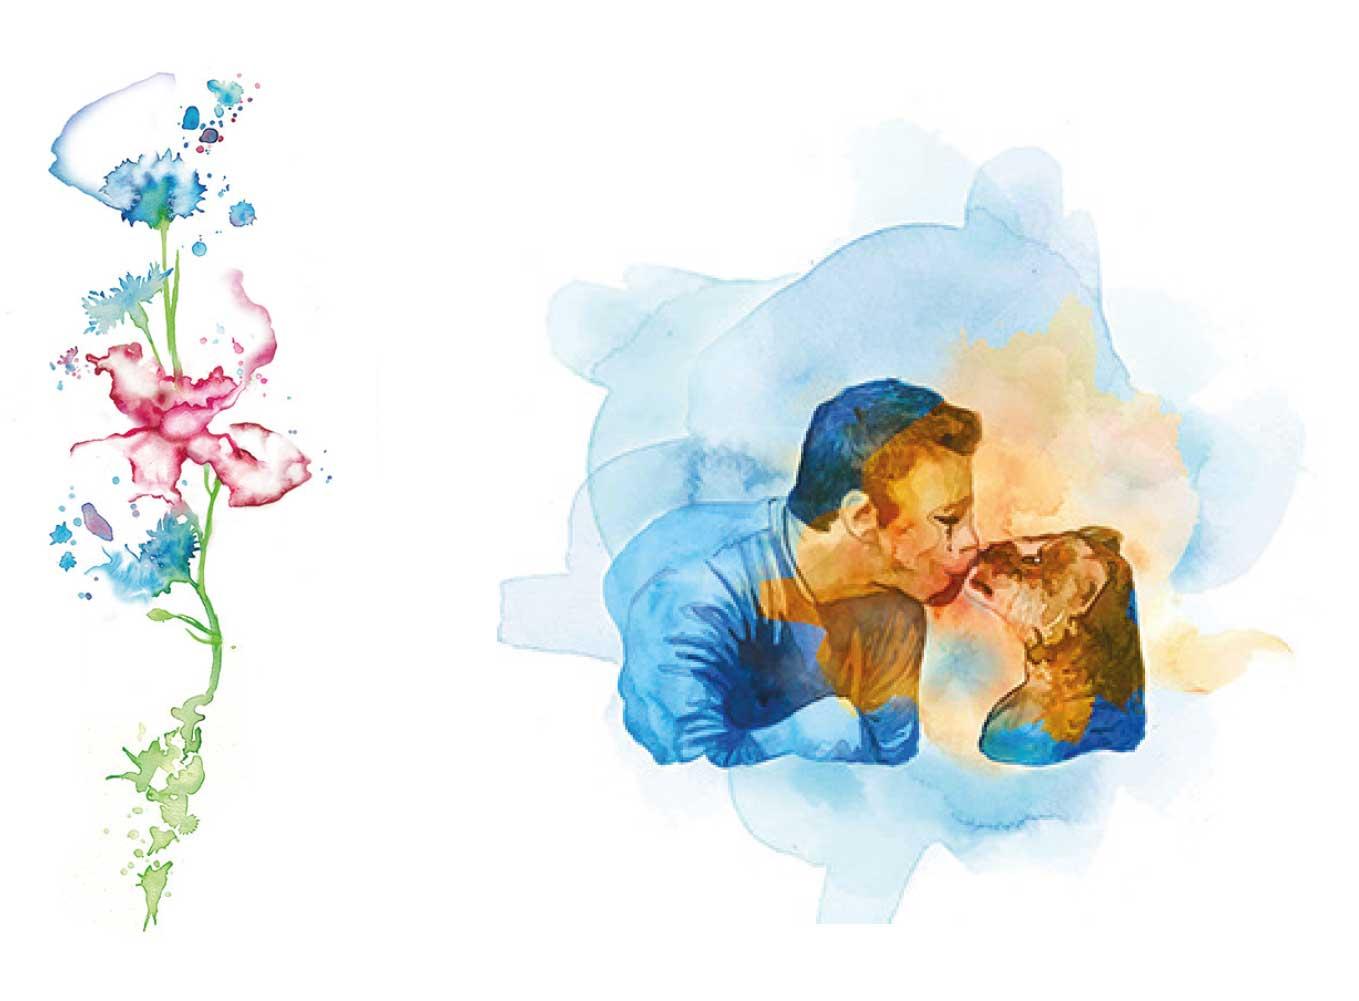 Aquarell-Illustrationen-Blume-und-Löwenjunges